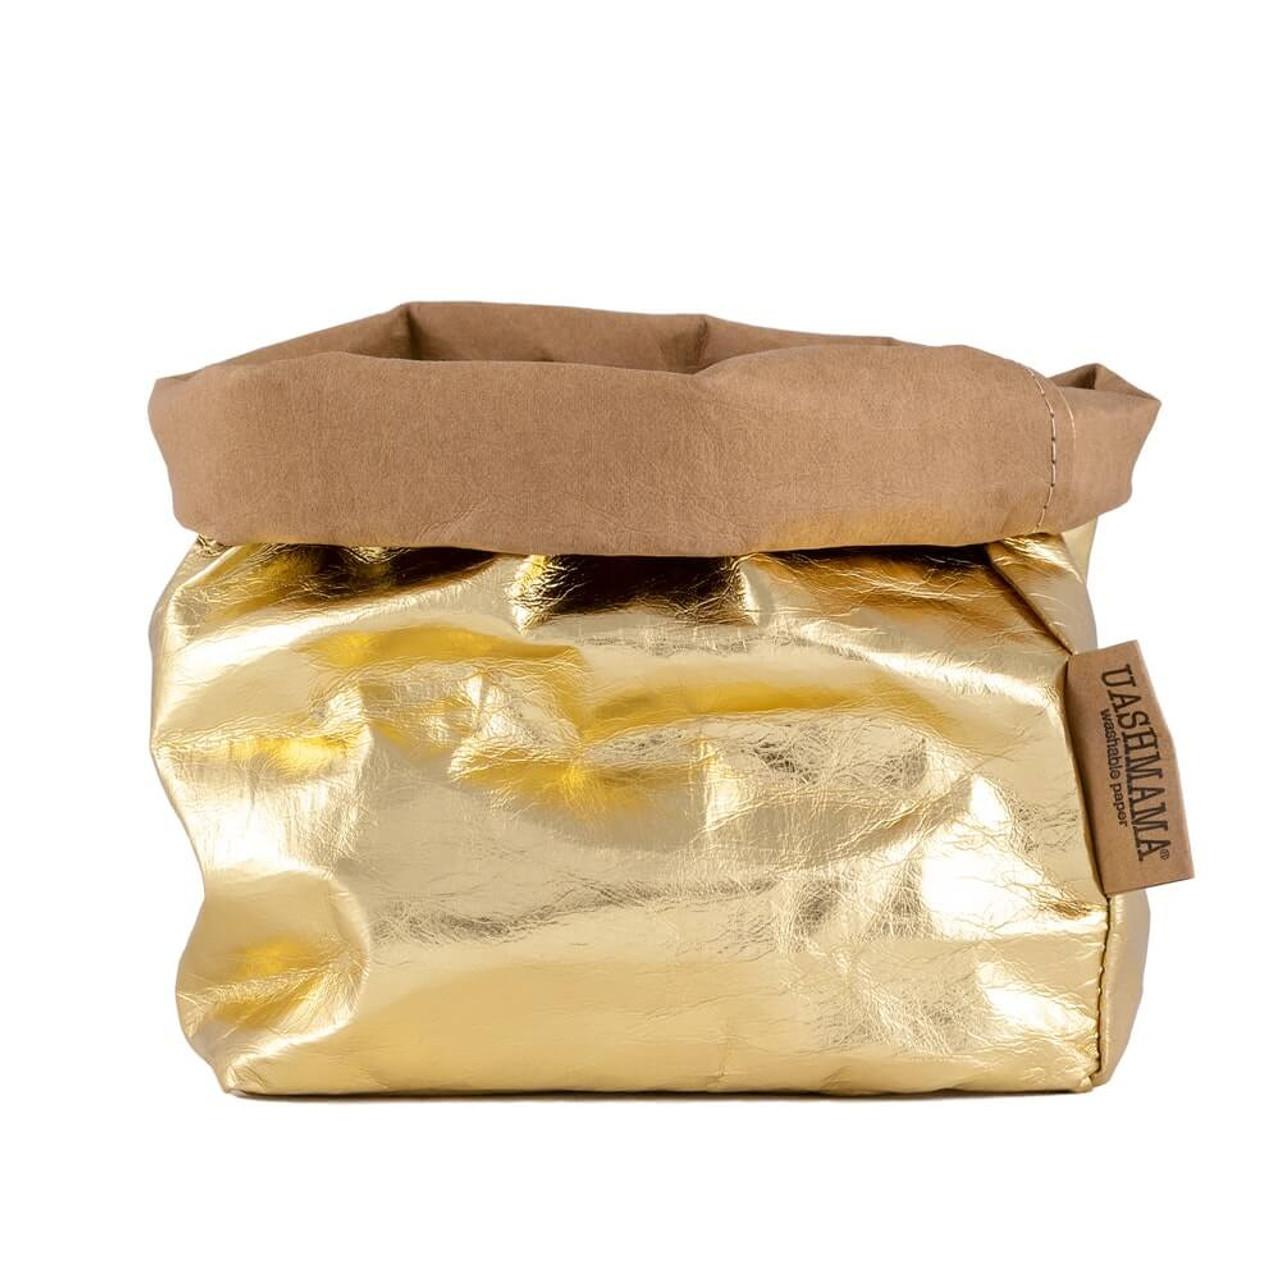 UASHMAMA medium organic paper bags metallo